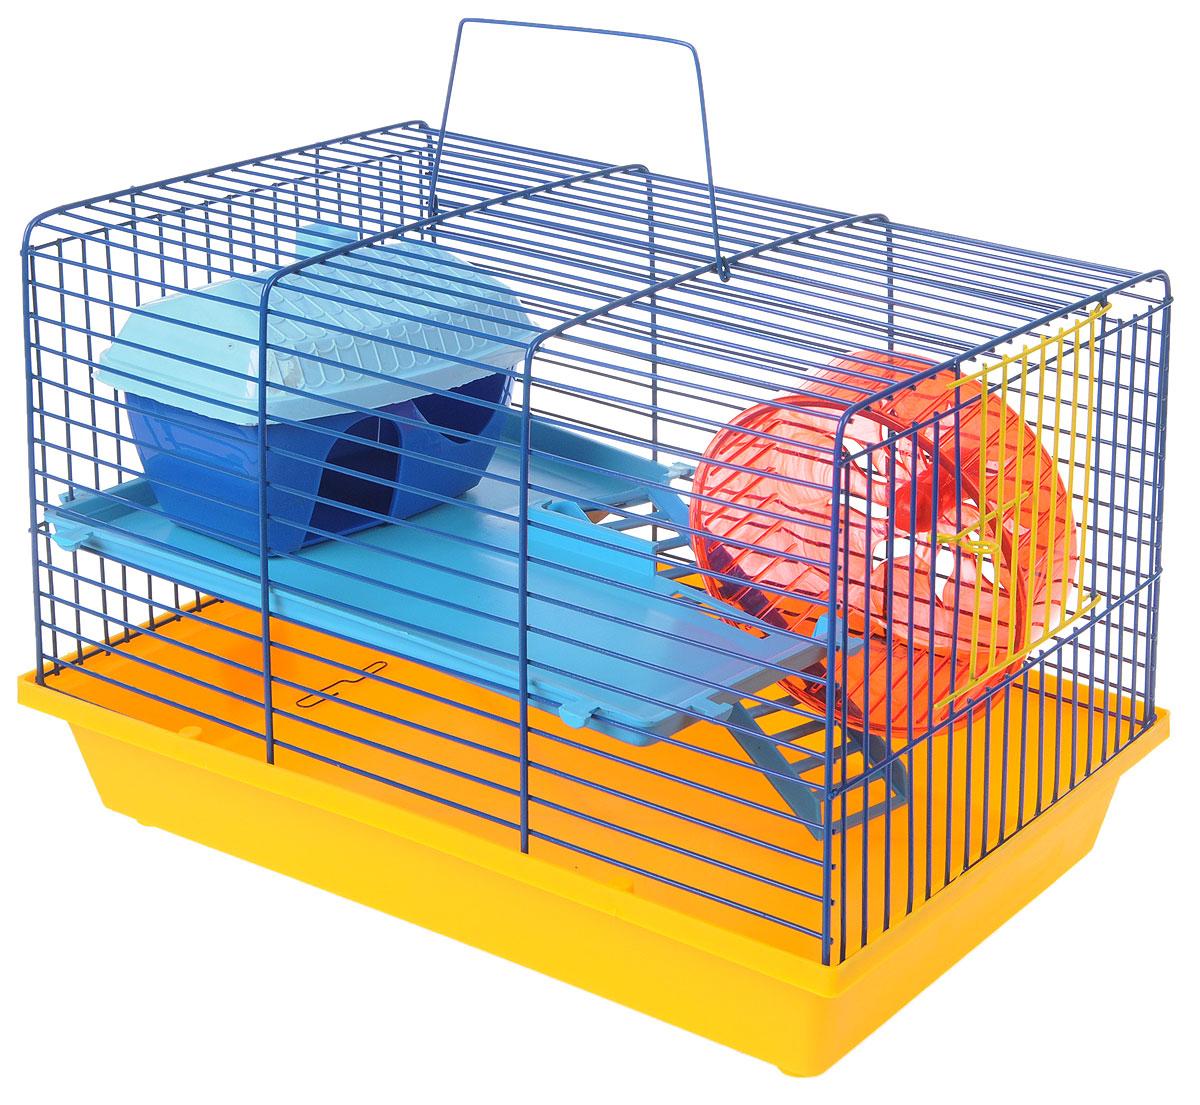 Клетка для грызунов ЗооМарк, 2-этажная, цвет: желтый поддон, синяя решетка, голубой этаж, 36 х 23 х 24 см125_желтый, синий, голубойКлетка ЗооМарк, выполненная из полипропилена и металла, подходит для мелких грызунов. Изделие двухэтажное, оборудовано колесом для подвижных игр и пластиковым домиком. Клетка имеет яркий поддон, удобна в использовании и легко чистится. Сверху имеется ручка для переноски, а сбоку удобная дверца. Такая клетка станет уединенным личным пространством и уютным домиком для маленького грызуна.